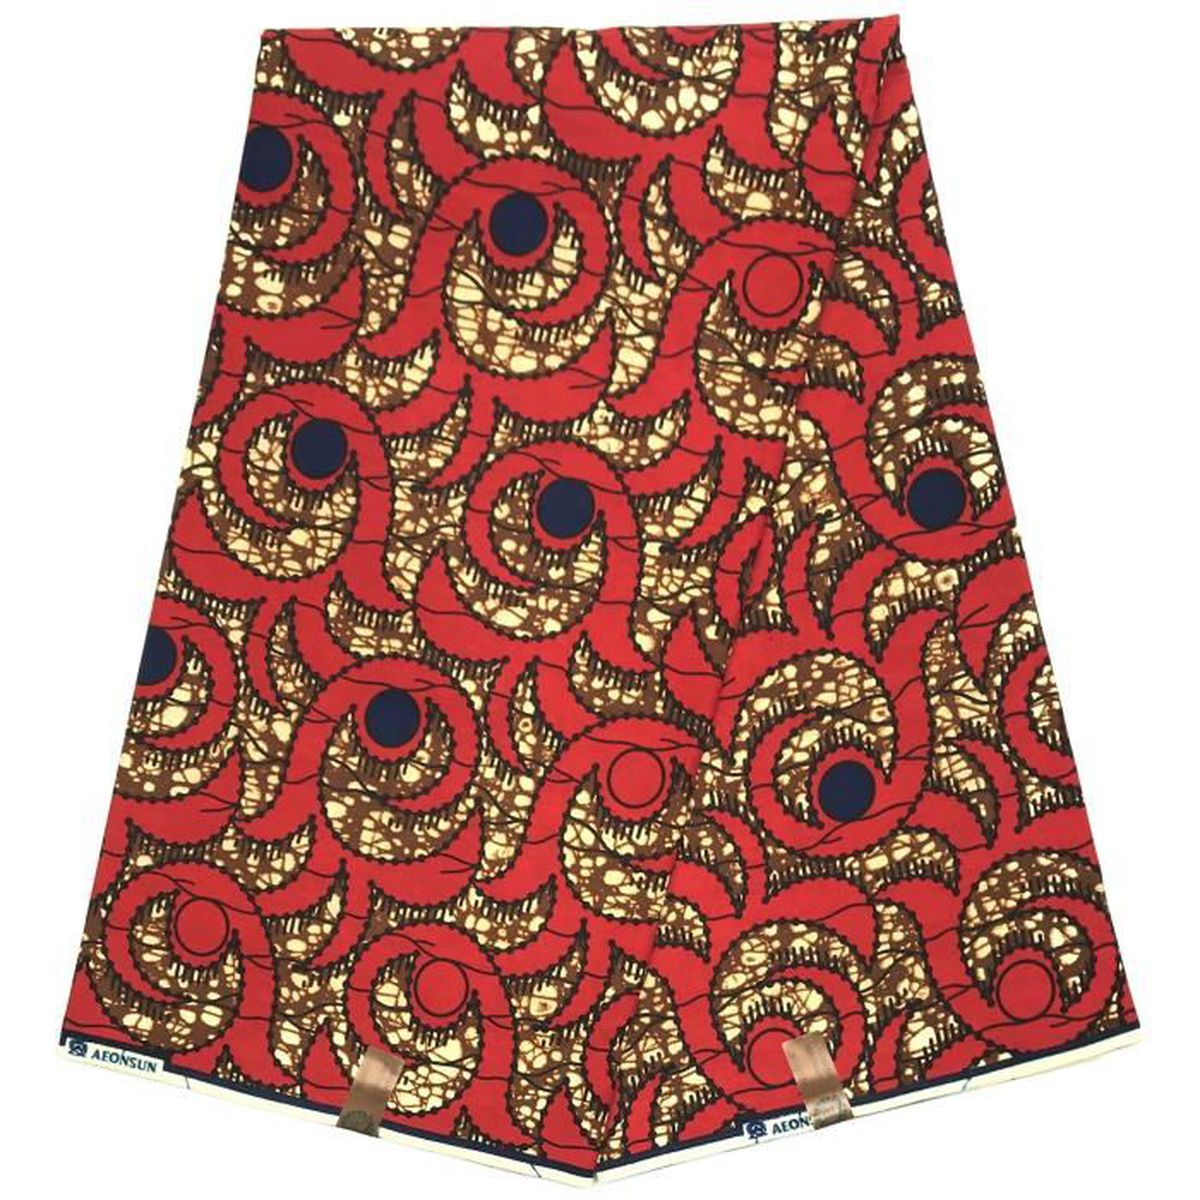 Wax Pagne Tissu Africain collection HITARGET 6 Yards ciré imprimé pur COTON - Achat / Vente ...